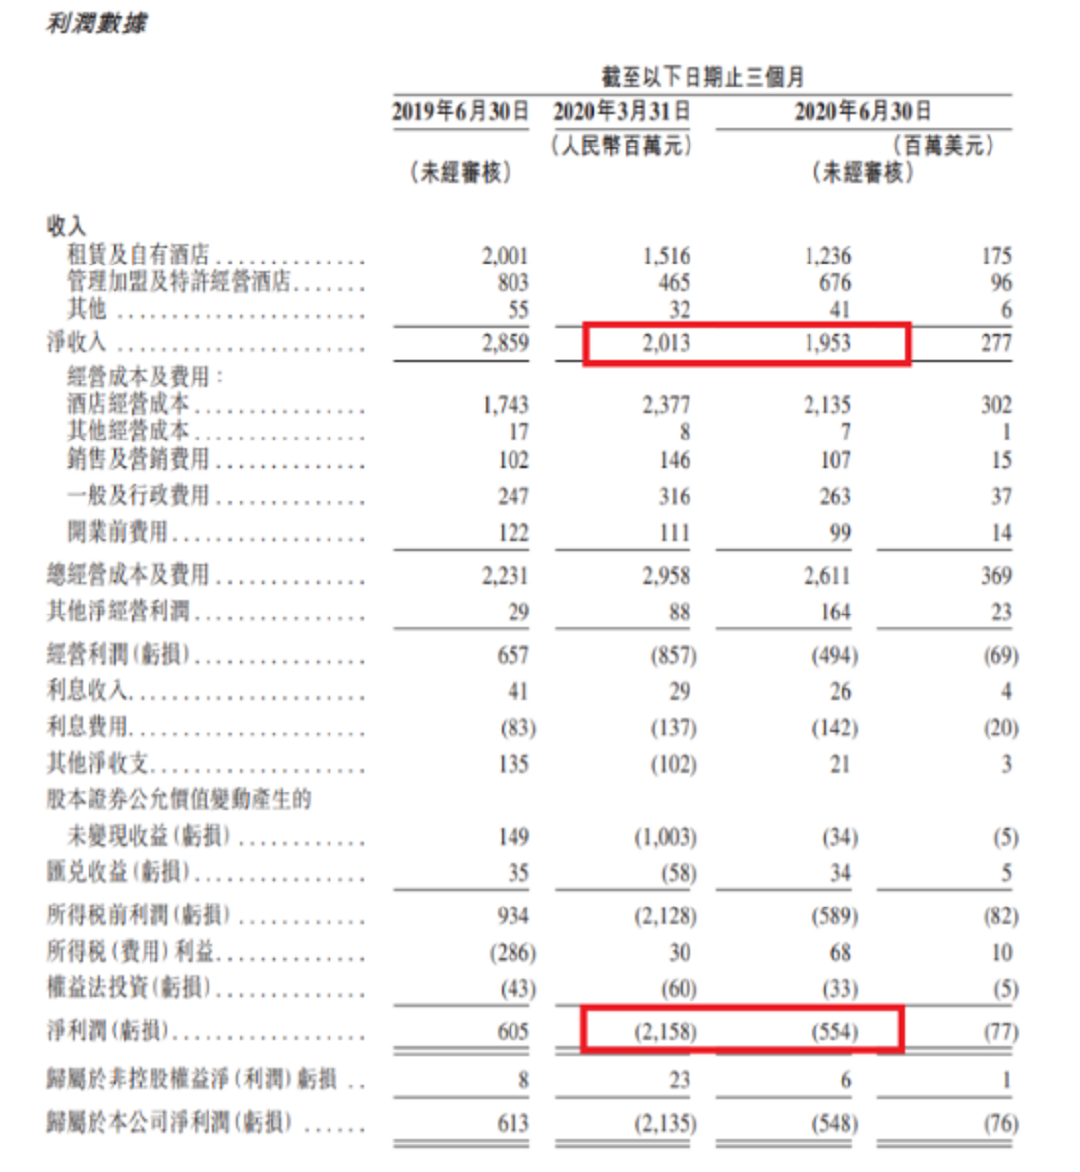 债务高企叠加海外业务受困 华住集团回归港股上市每股发行价297港元